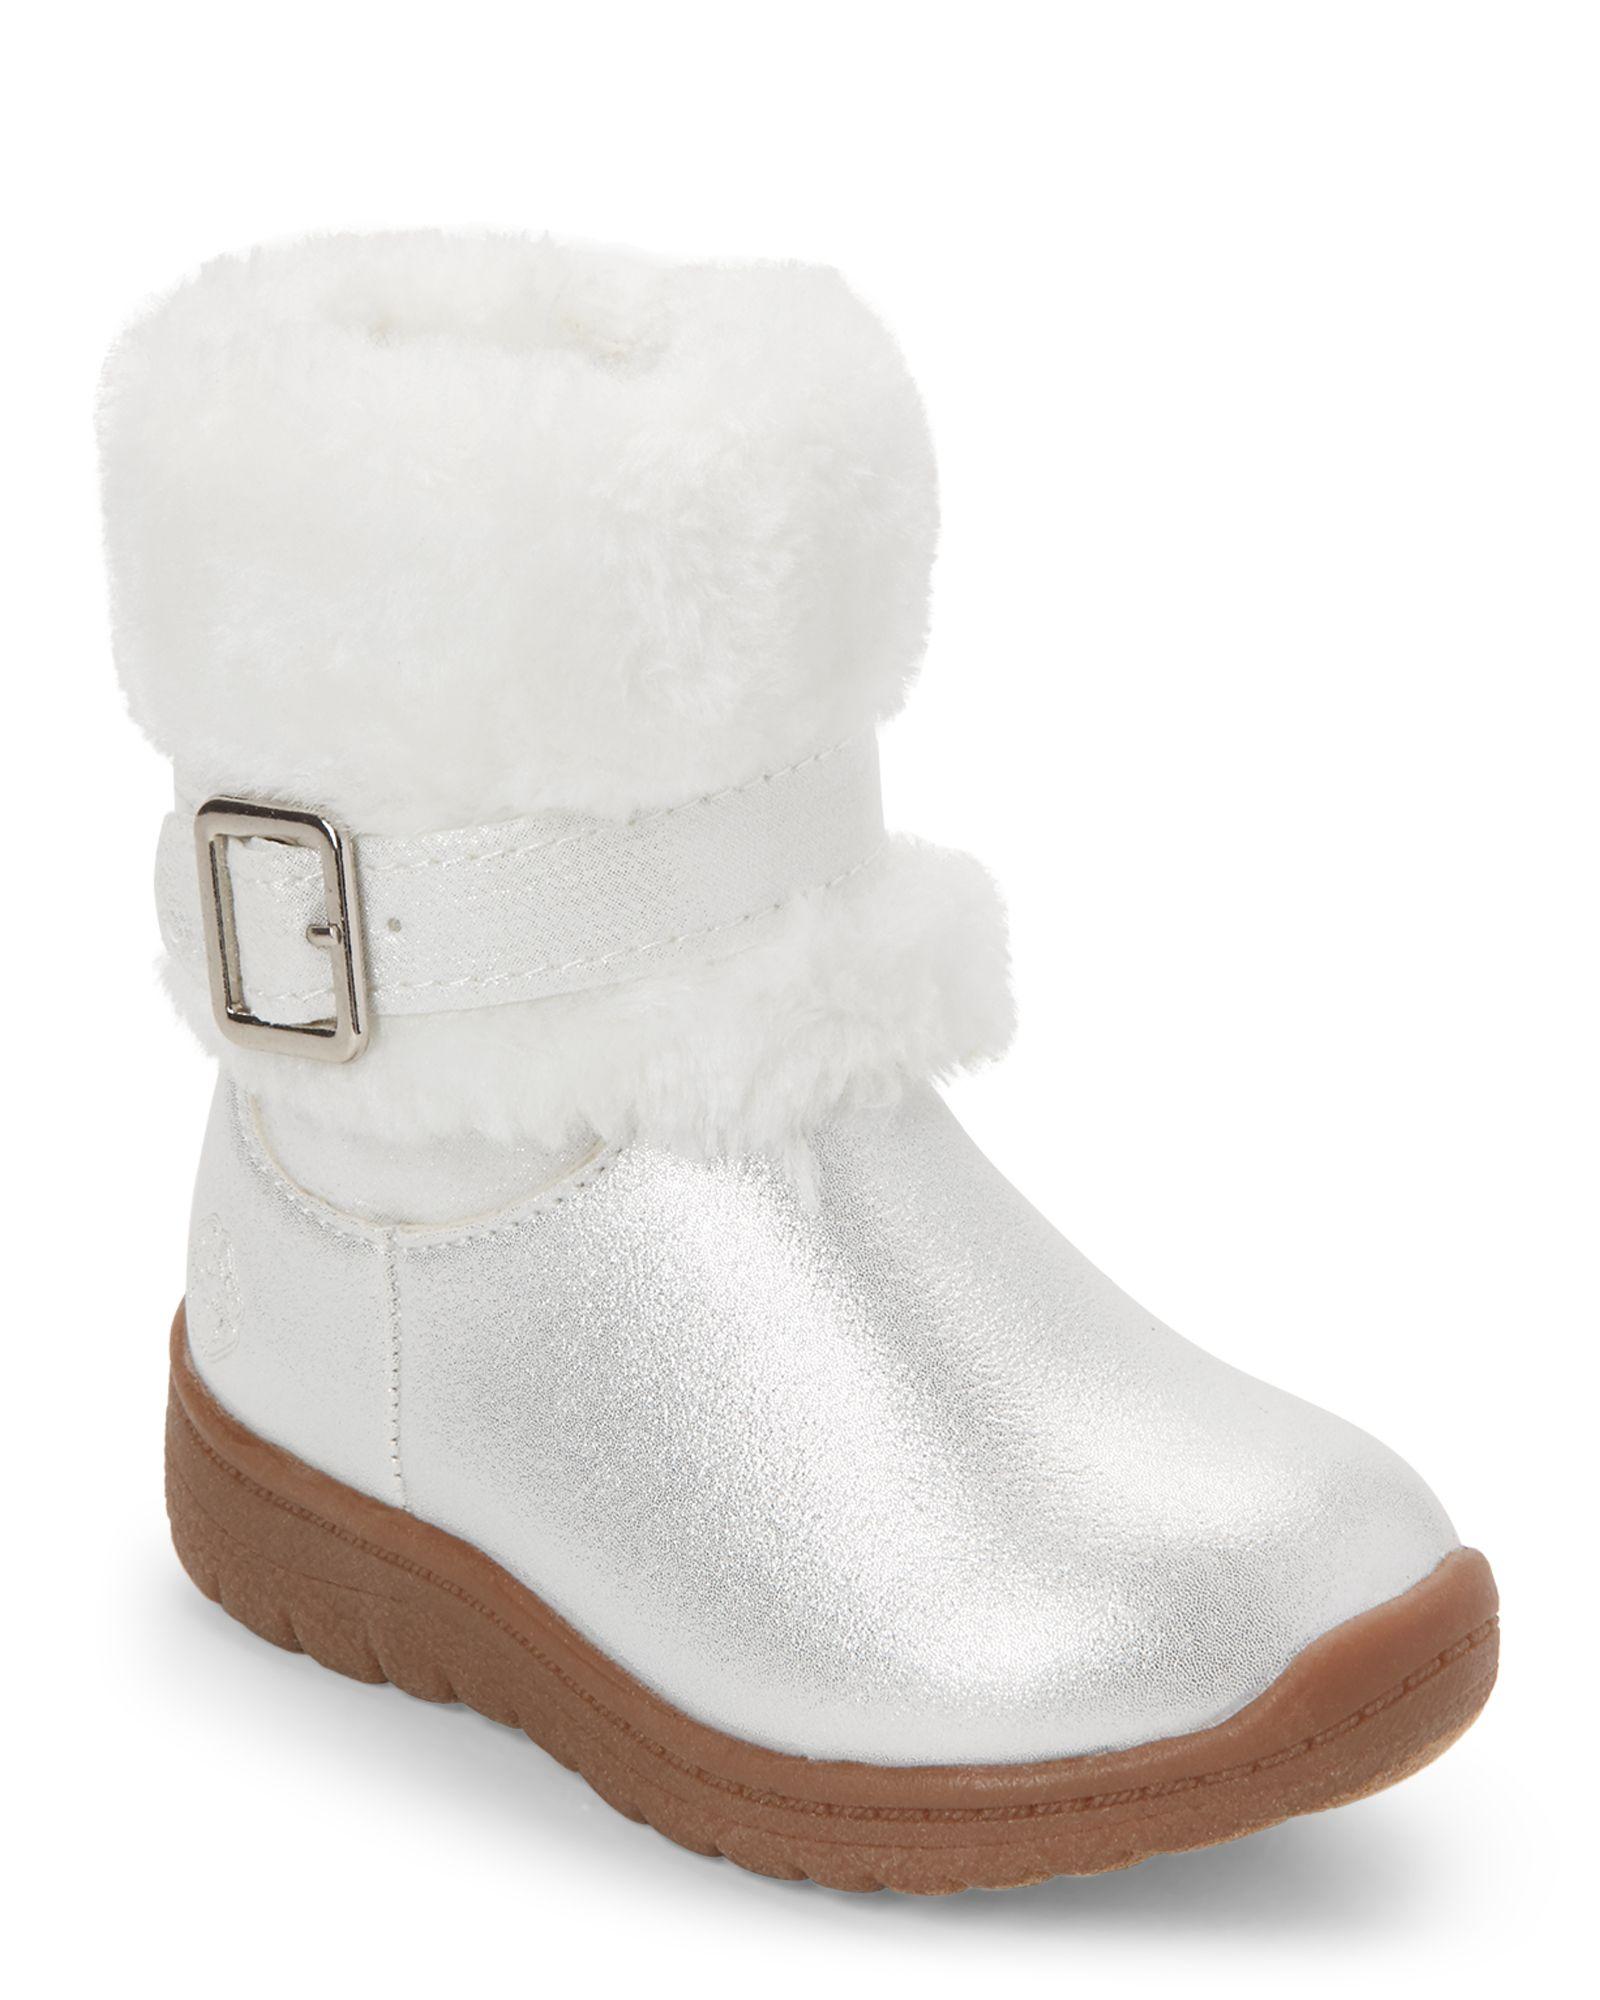 5335fe078cb Osh Kosh B gosh (Toddler Girls) White Lia Faux Fur Boots